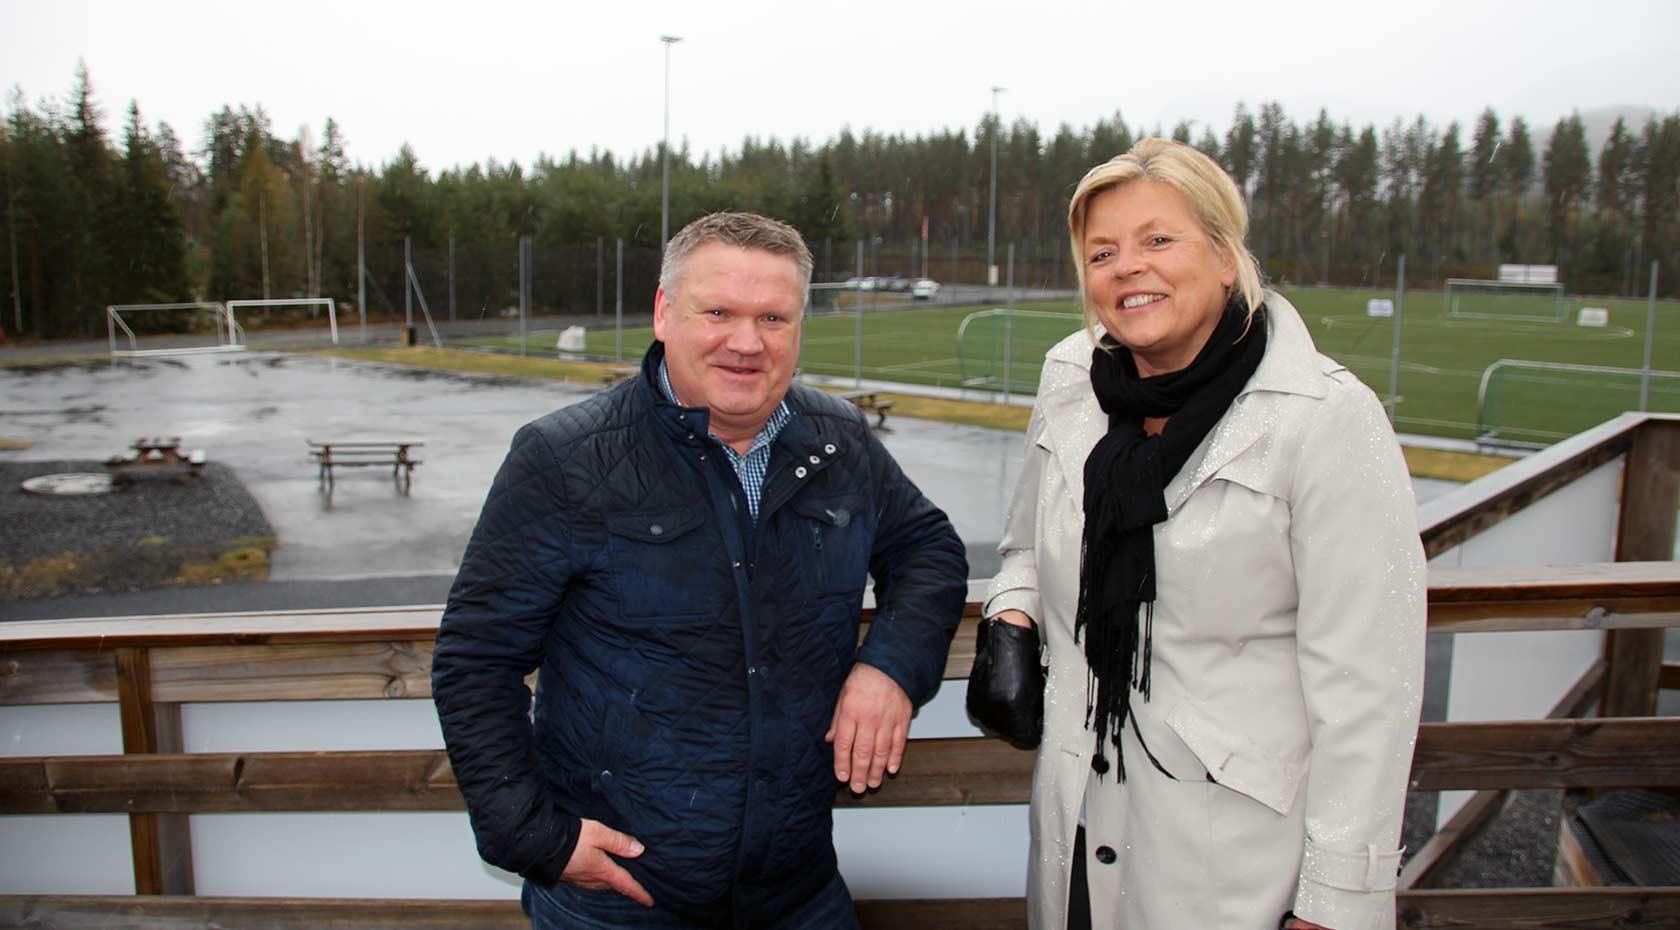 Rådmann i Flesberg Jon Gjæver Pedersen og prosjektleder for Flesberg skole 2019, Kristin Borander er svært fornøyde med Klimasats-midlene som nå er bevilget fra Miljødirektoratet.